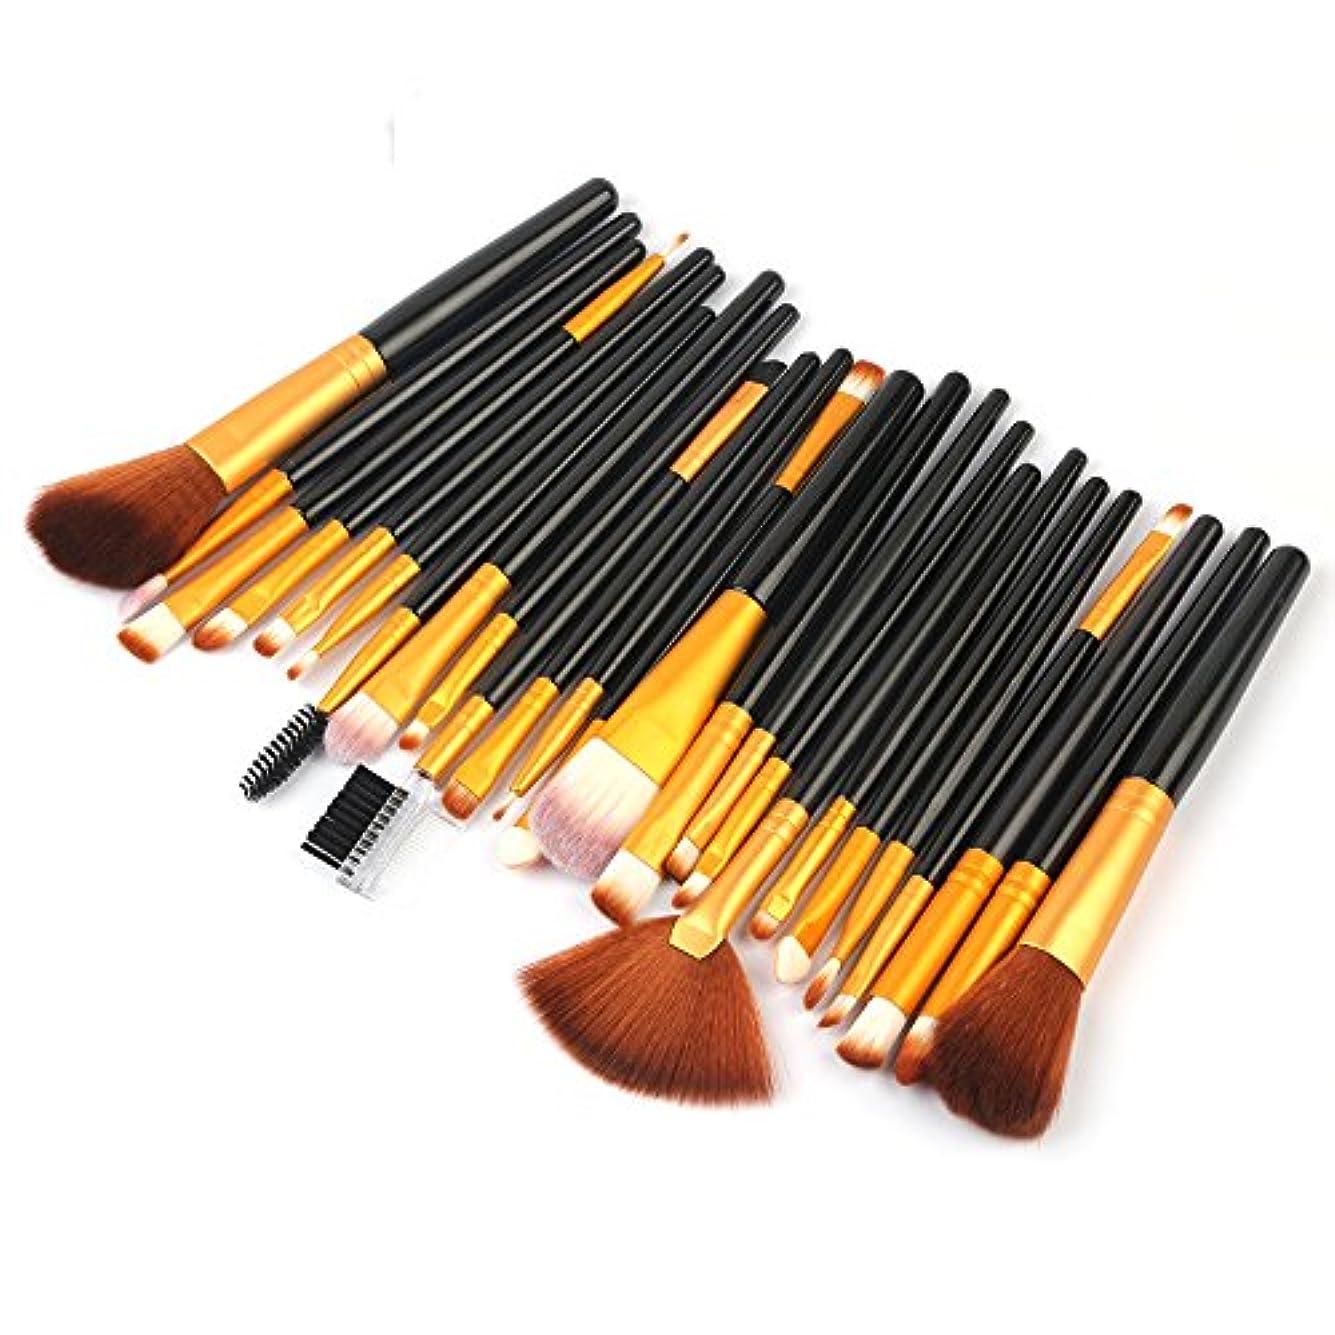 ワイヤー名誉あるヒープAkane 25本 プロ 高級 魅力的 高品質 綺麗 美感 たっぷり セート 多機能 使いやすい おしゃれ 便利 柔らかい 激安 日常 仕事 Makeup Brush メイクアップブラシ HJ25